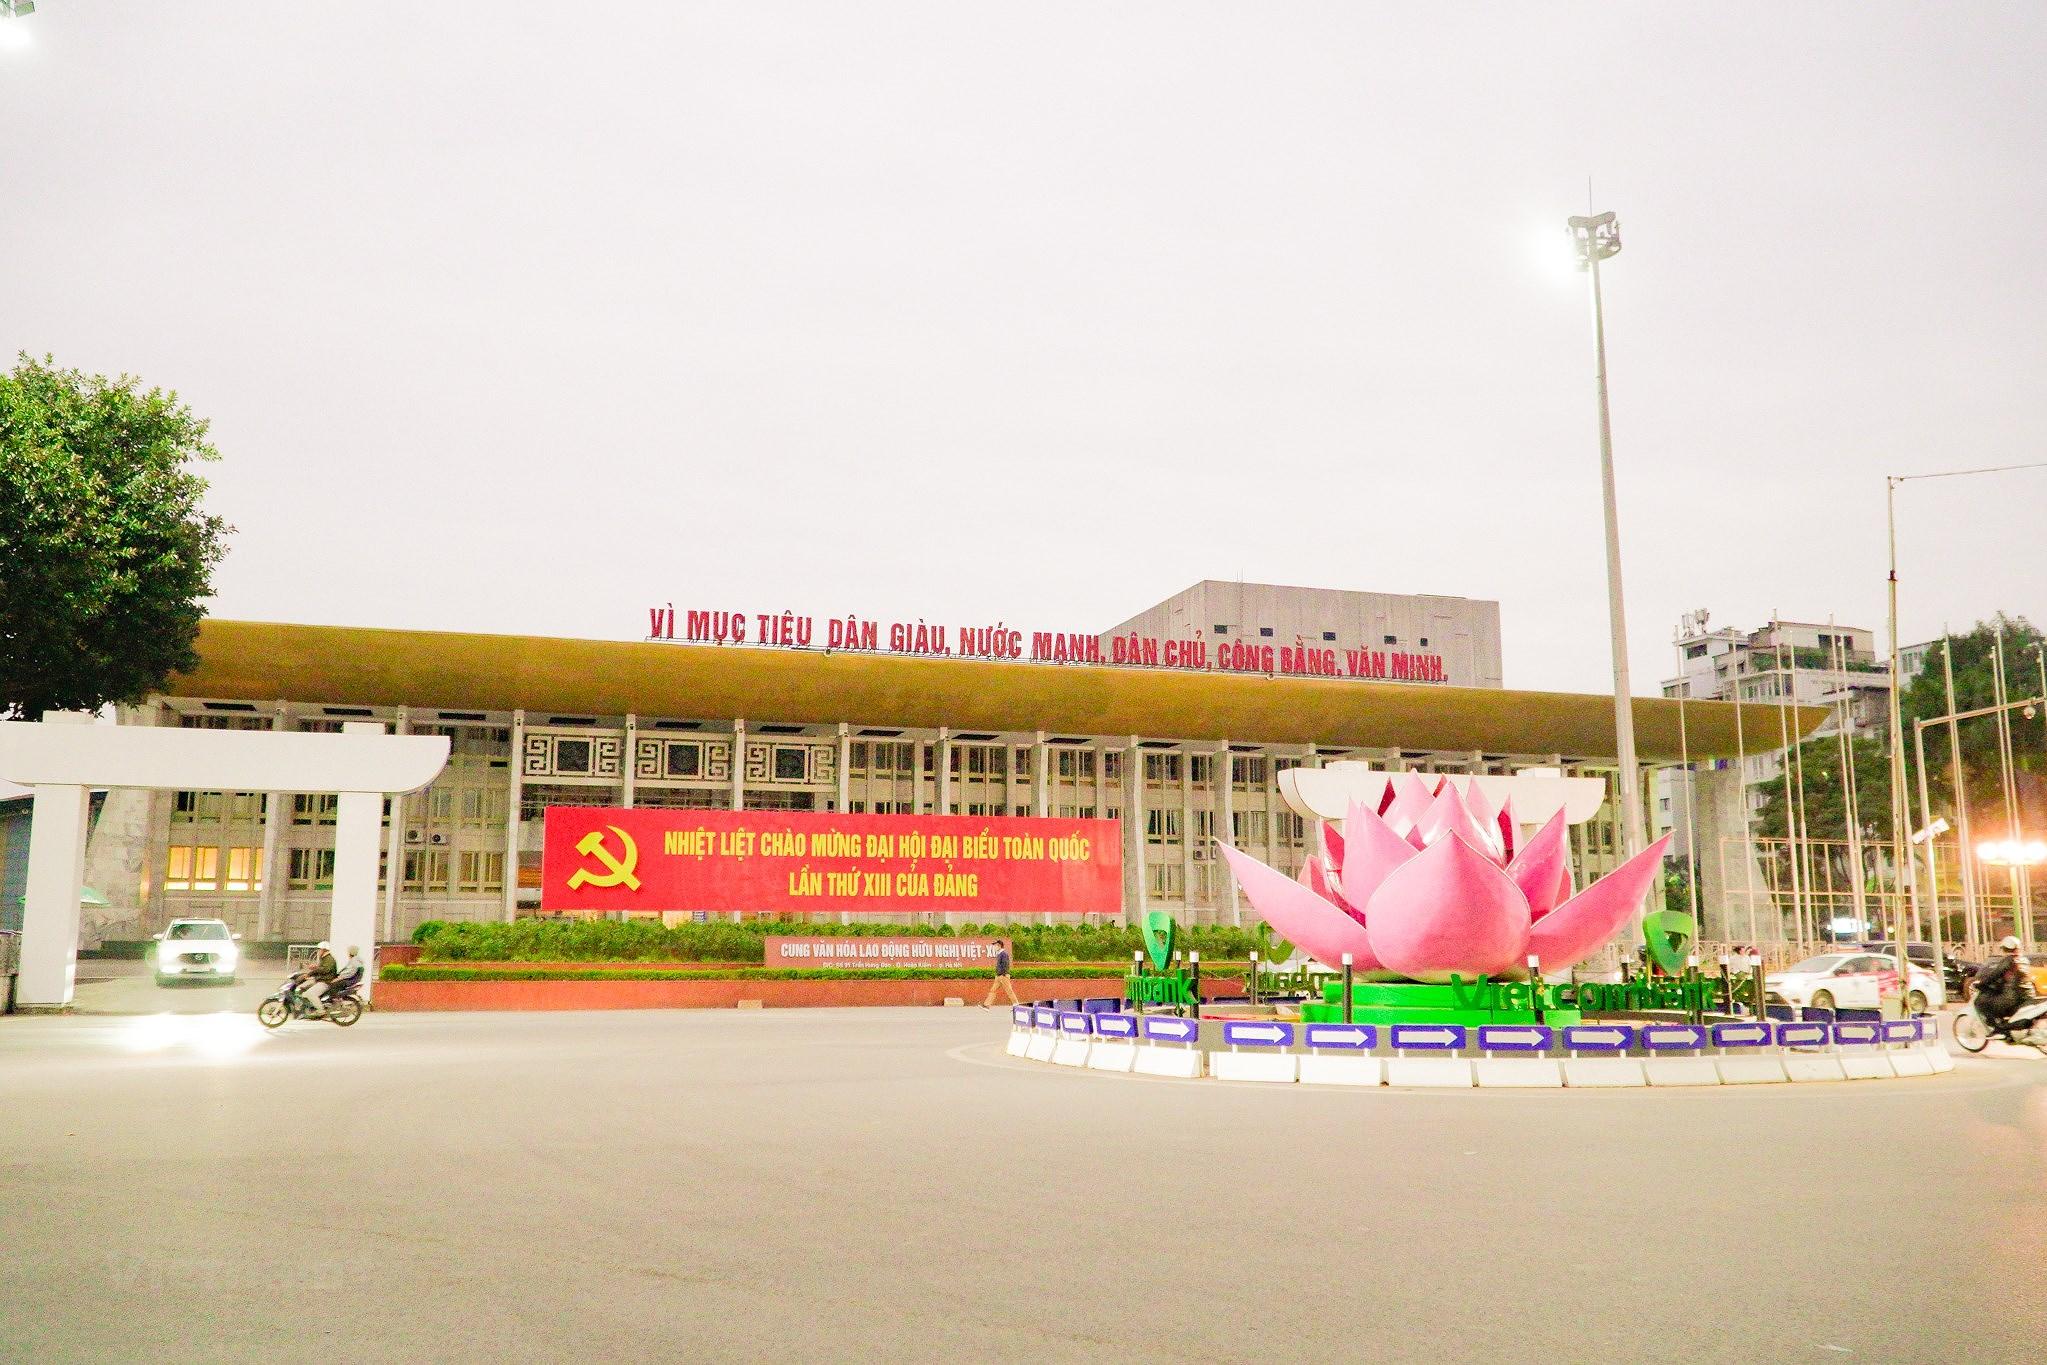 [Photo] Pho phuong Thu do trang hoang chao mung Dai hoi Dang XIII hinh anh 2